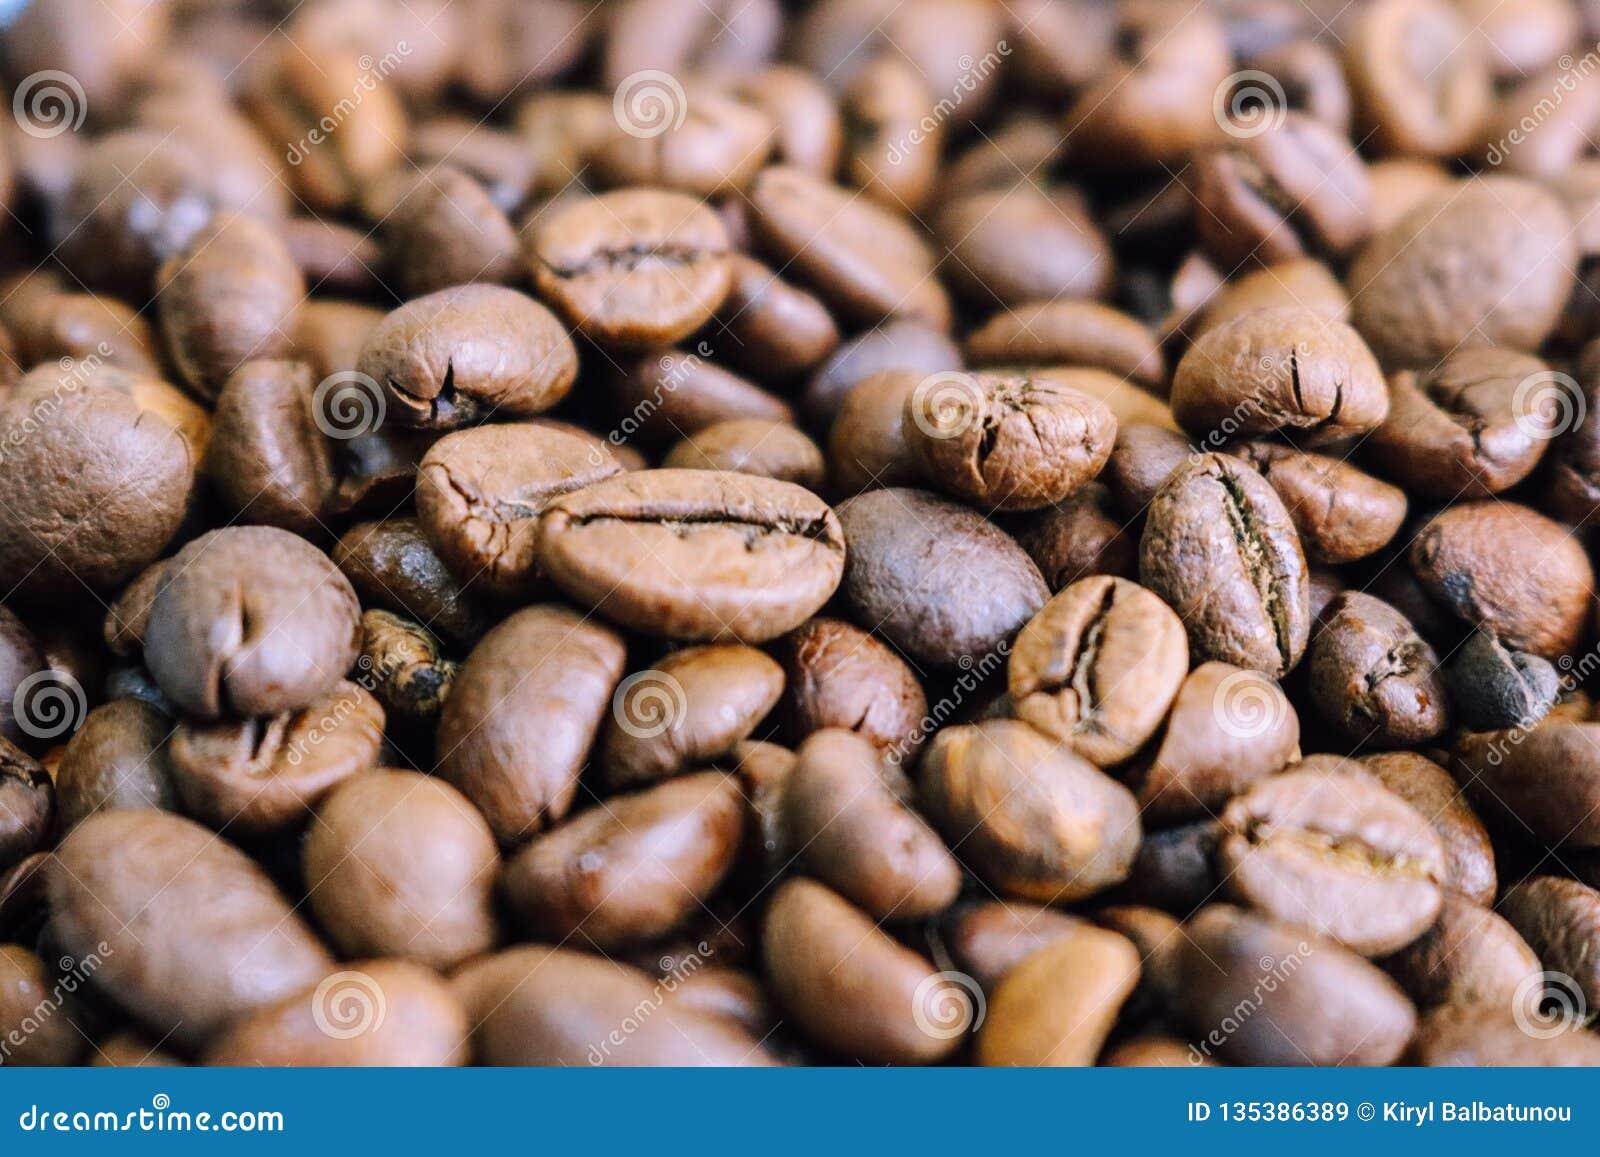 Schöne Beschaffenheit von frisch gebratenen vorgewählten köstlichen Reichen brünieren natürliche wohlriechende Kaffeebaumkörner,